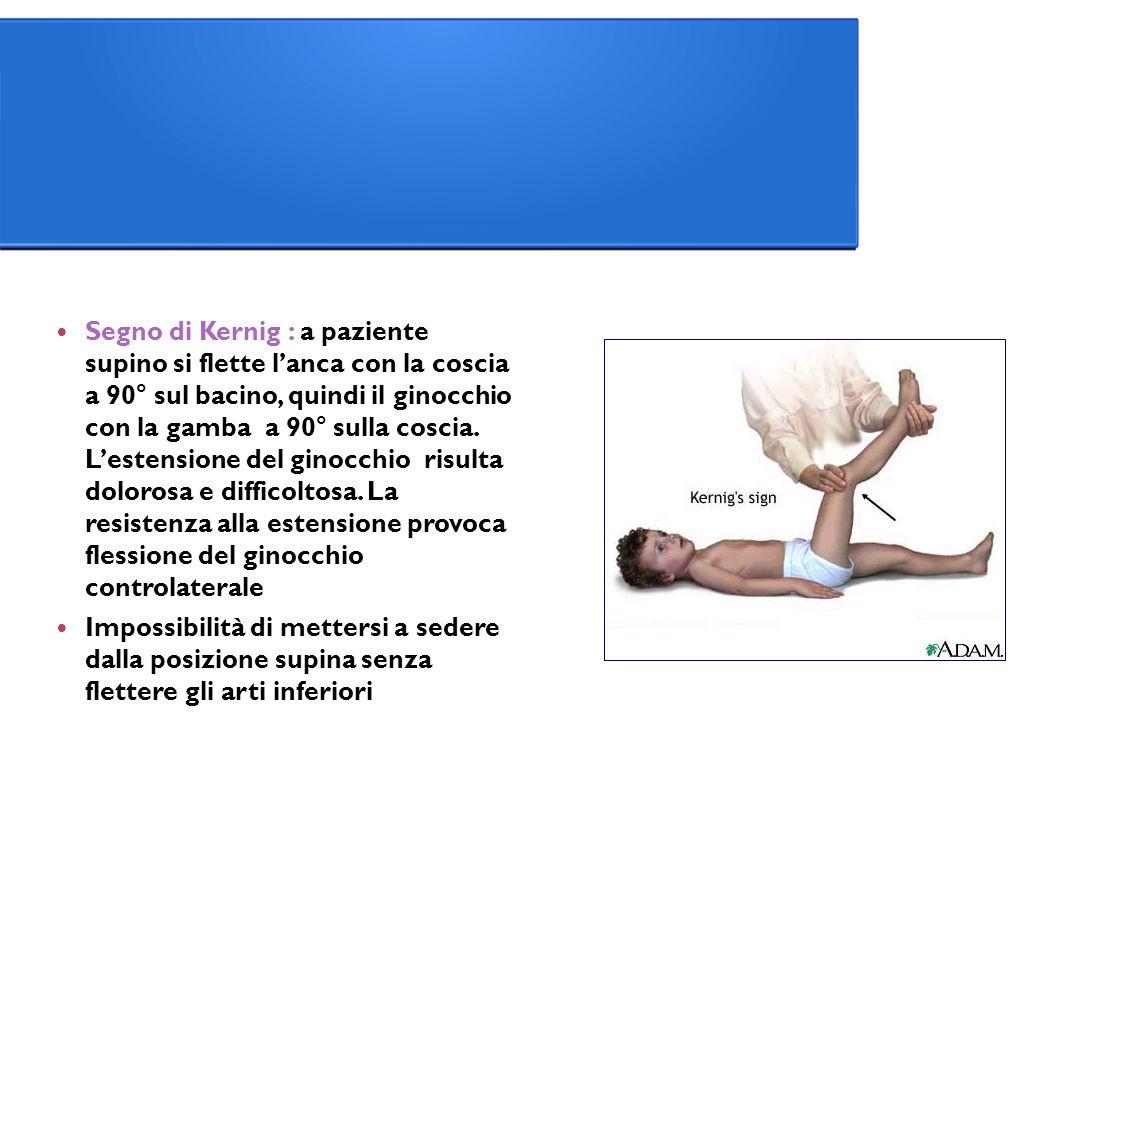 Segno di Kernig : a paziente supino si flette l'anca con la coscia a 90° sul bacino, quindi il ginocchio con la gamba a 90° sulla coscia. L'estensione del ginocchio risulta dolorosa e difficoltosa. La resistenza alla estensione provoca flessione del ginocchio controlaterale